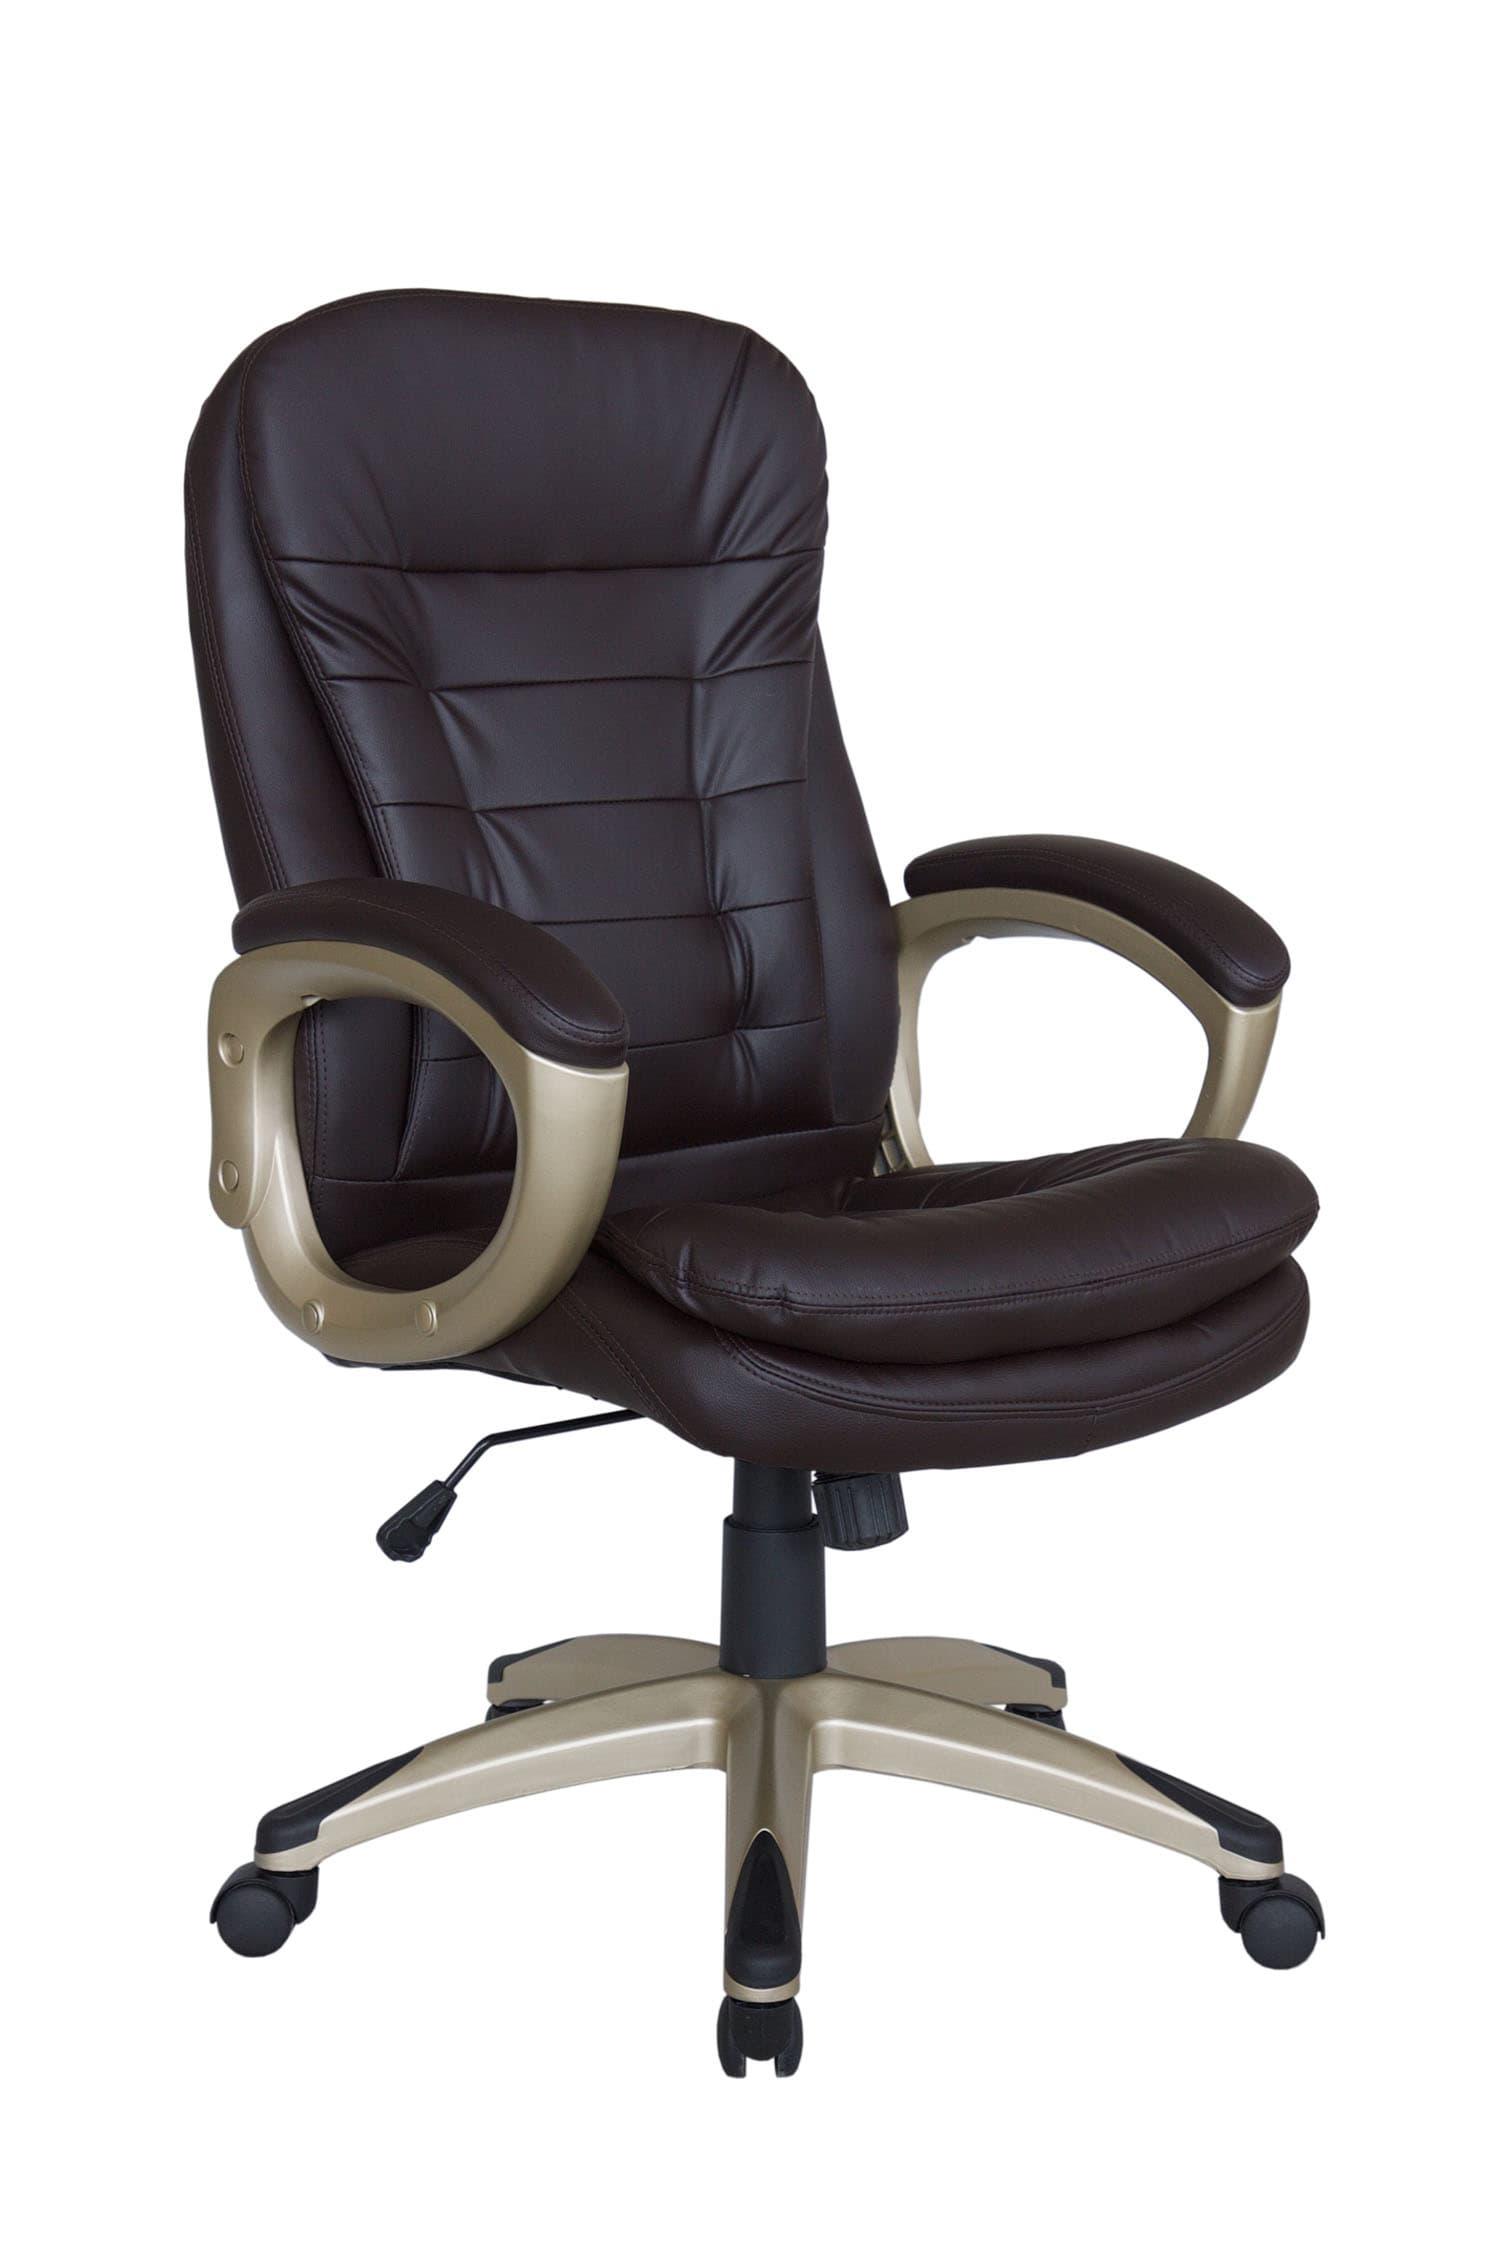 Кресло для руководителя Riva Chair 9110 Коричневый цвет, эко кожа